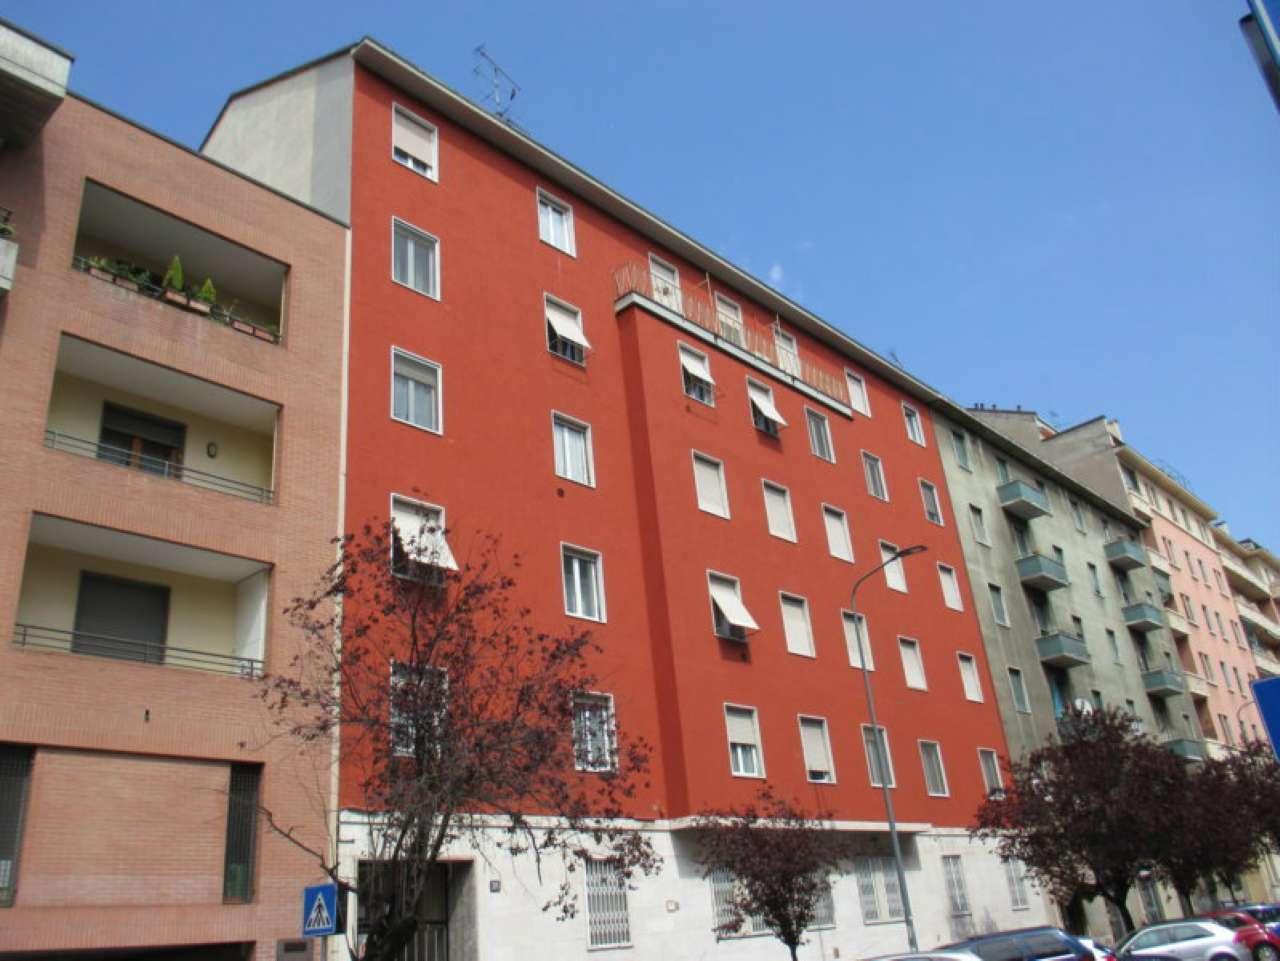 Appartamento in Affitto a Milano 25 Cassala / Famagosta / Lorenteggio / Barona: 1 locali, 25 mq